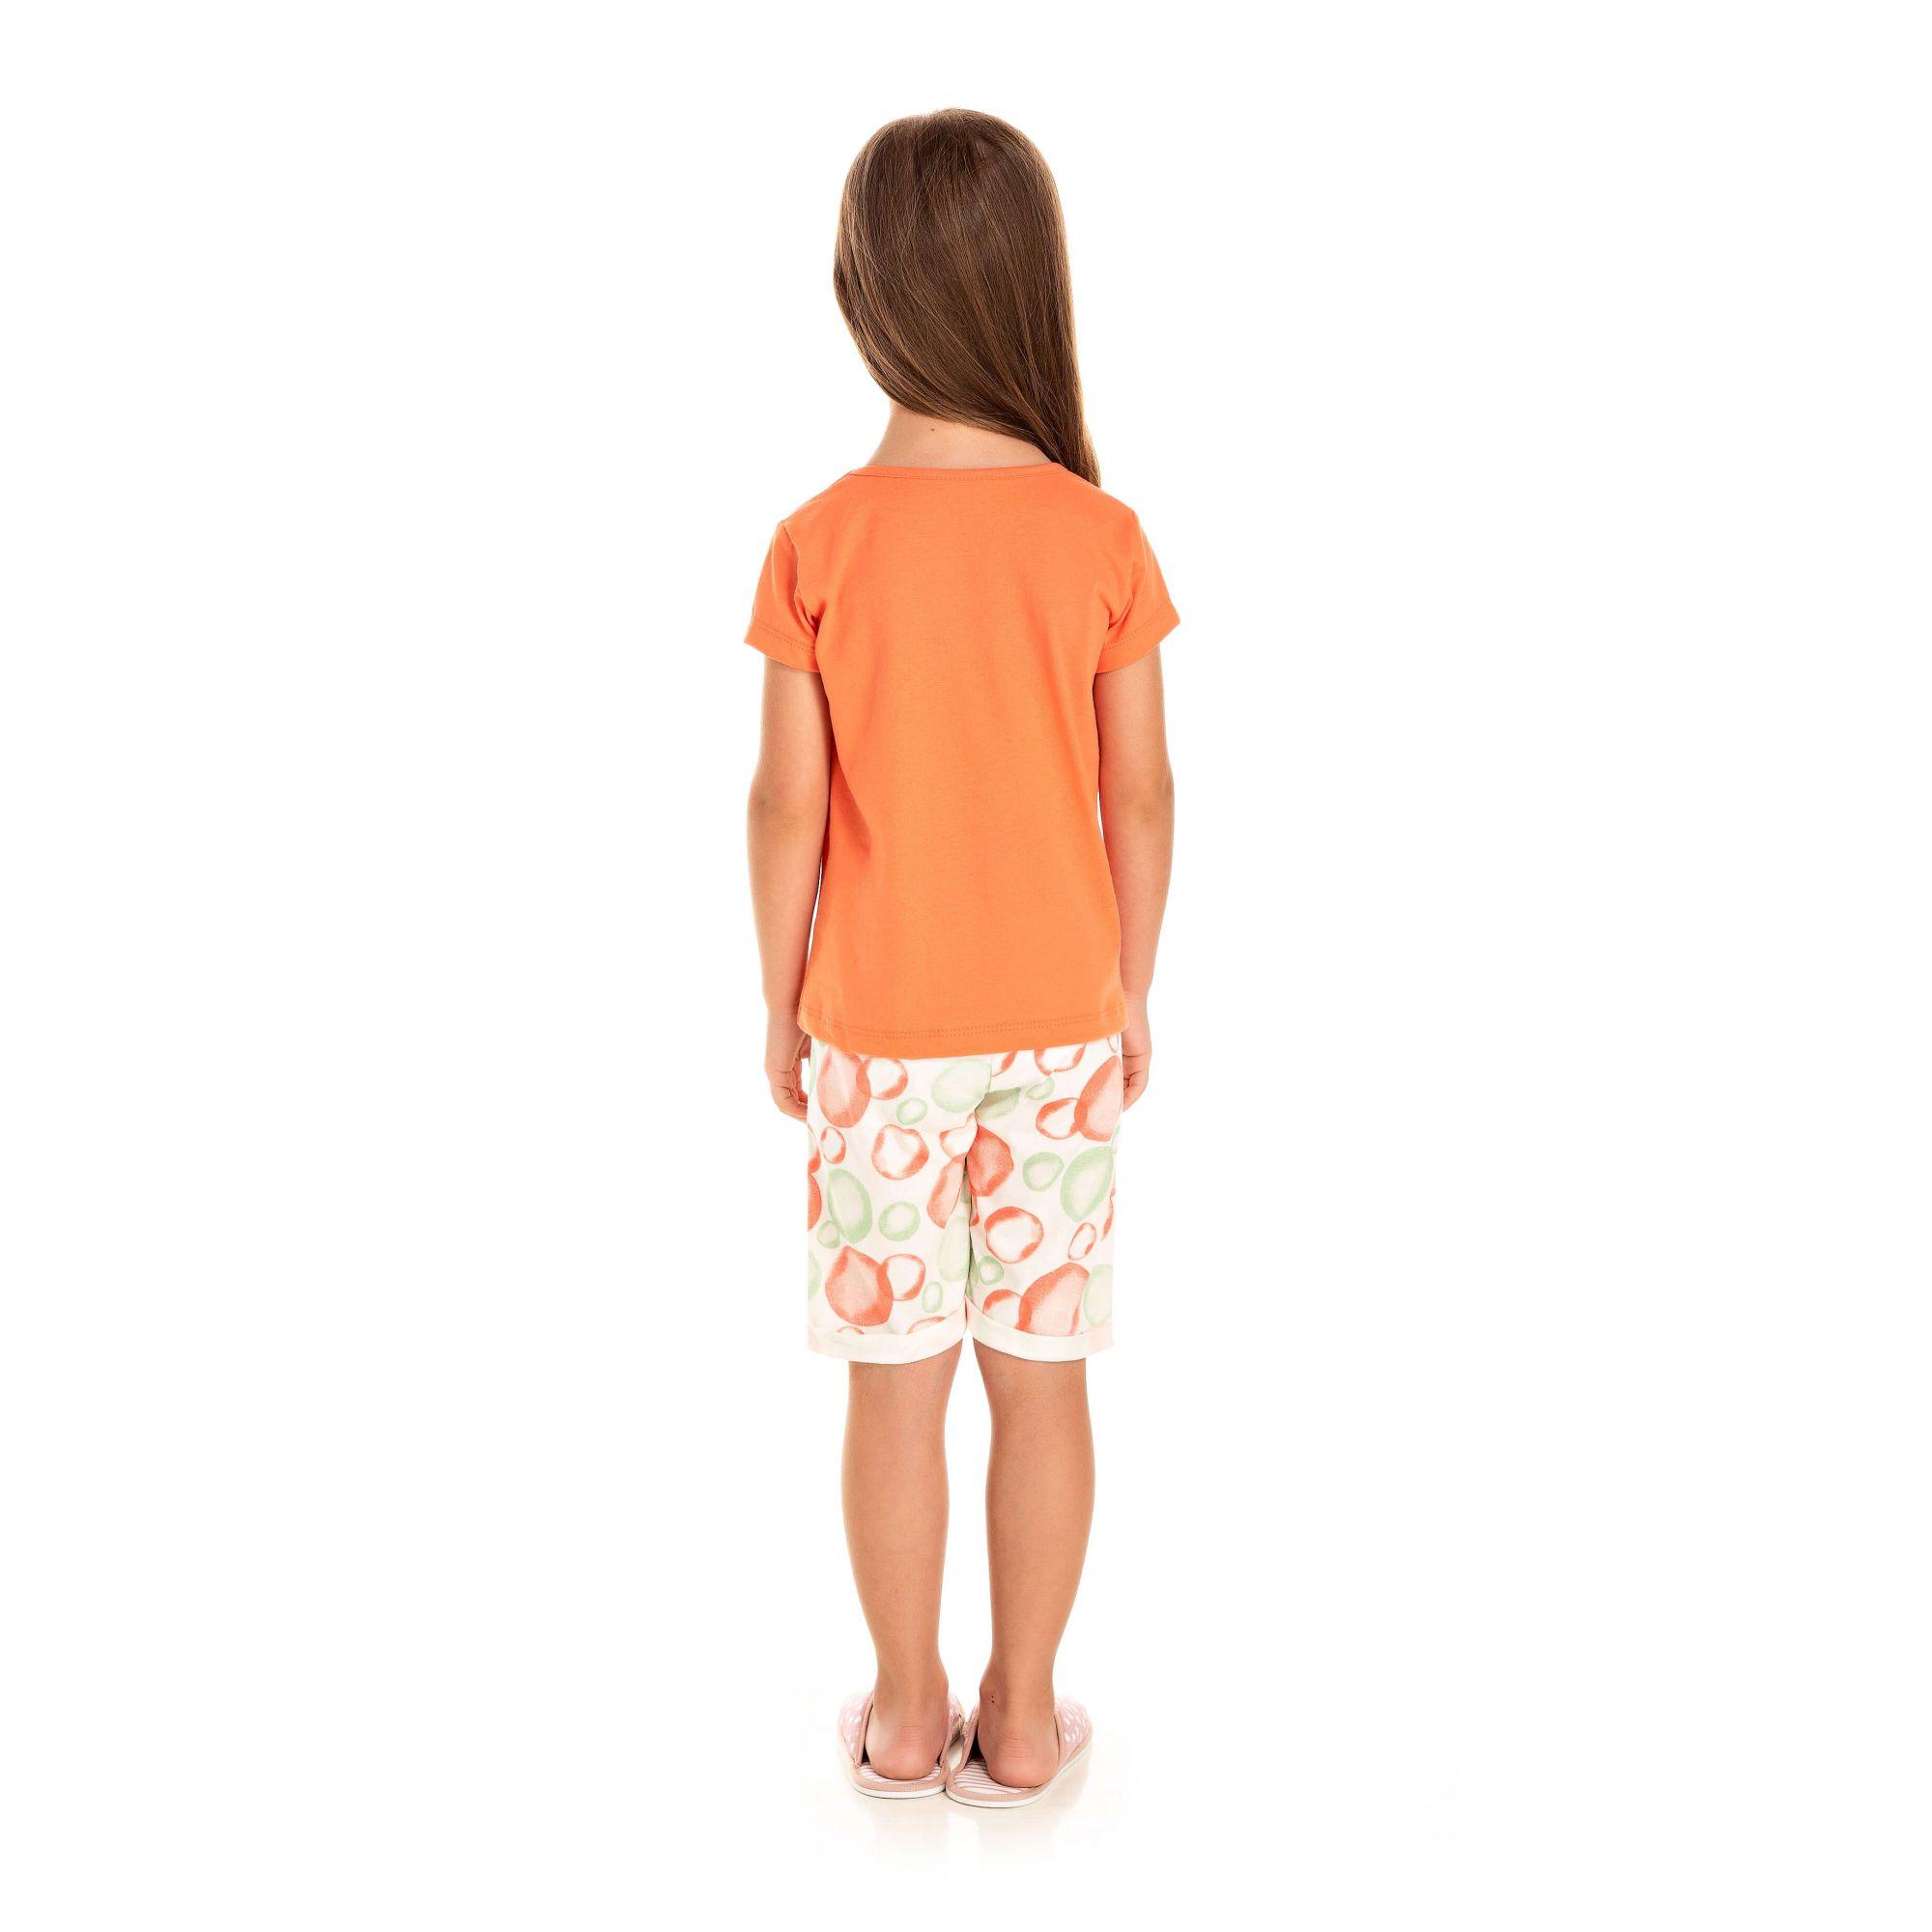 254/A - Short Doll Infantil Feminino Água Viva